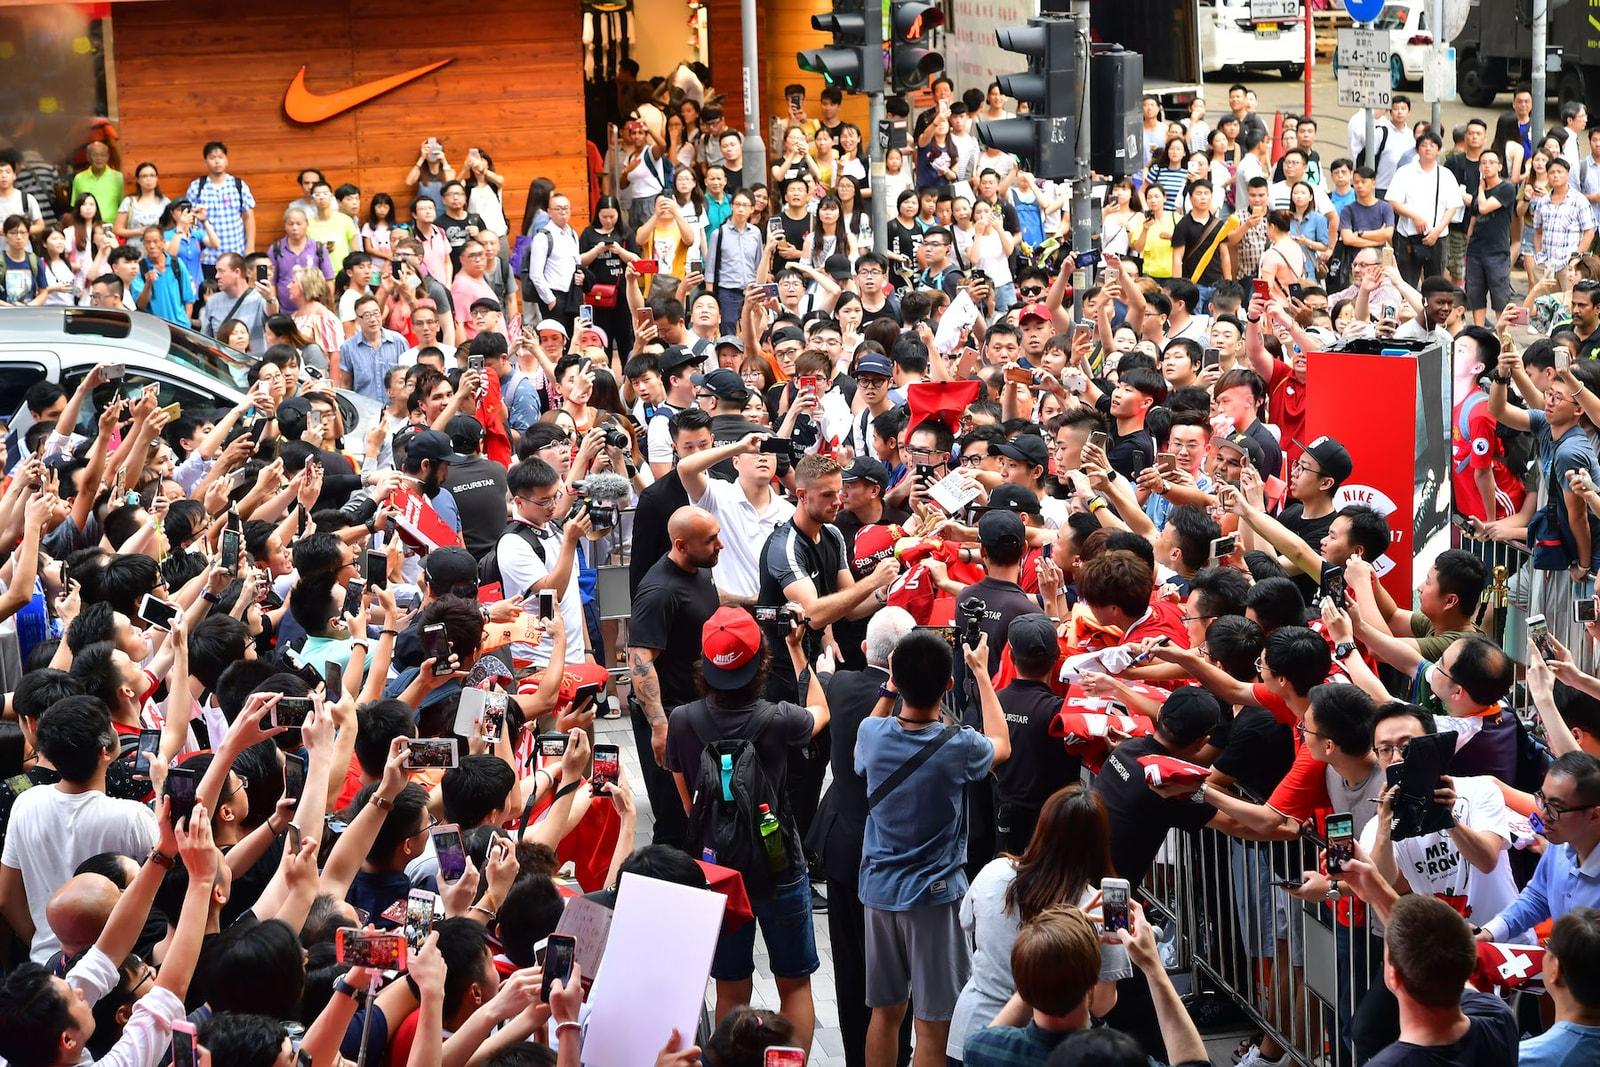 Nike Football 旗下利物浦球星 Jordan Henderson 向年輕球員分享奮鬥故事